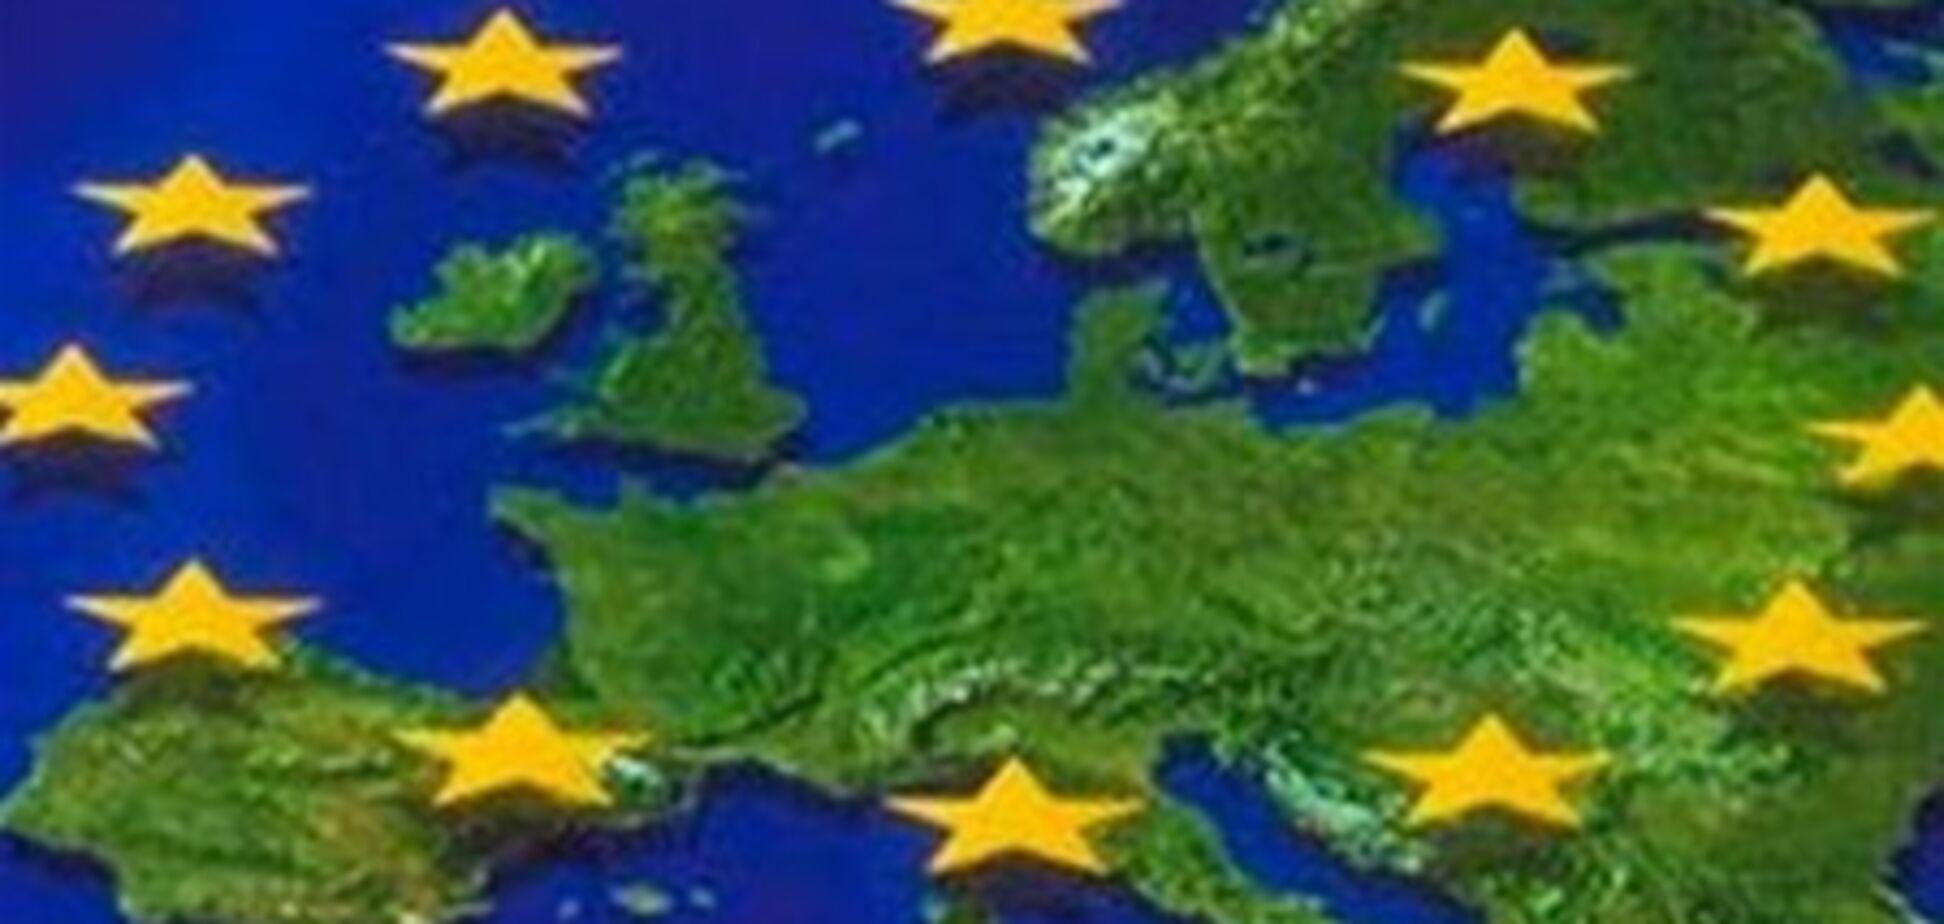 Єврокомісія подасть до суду на 18 країн ЄС